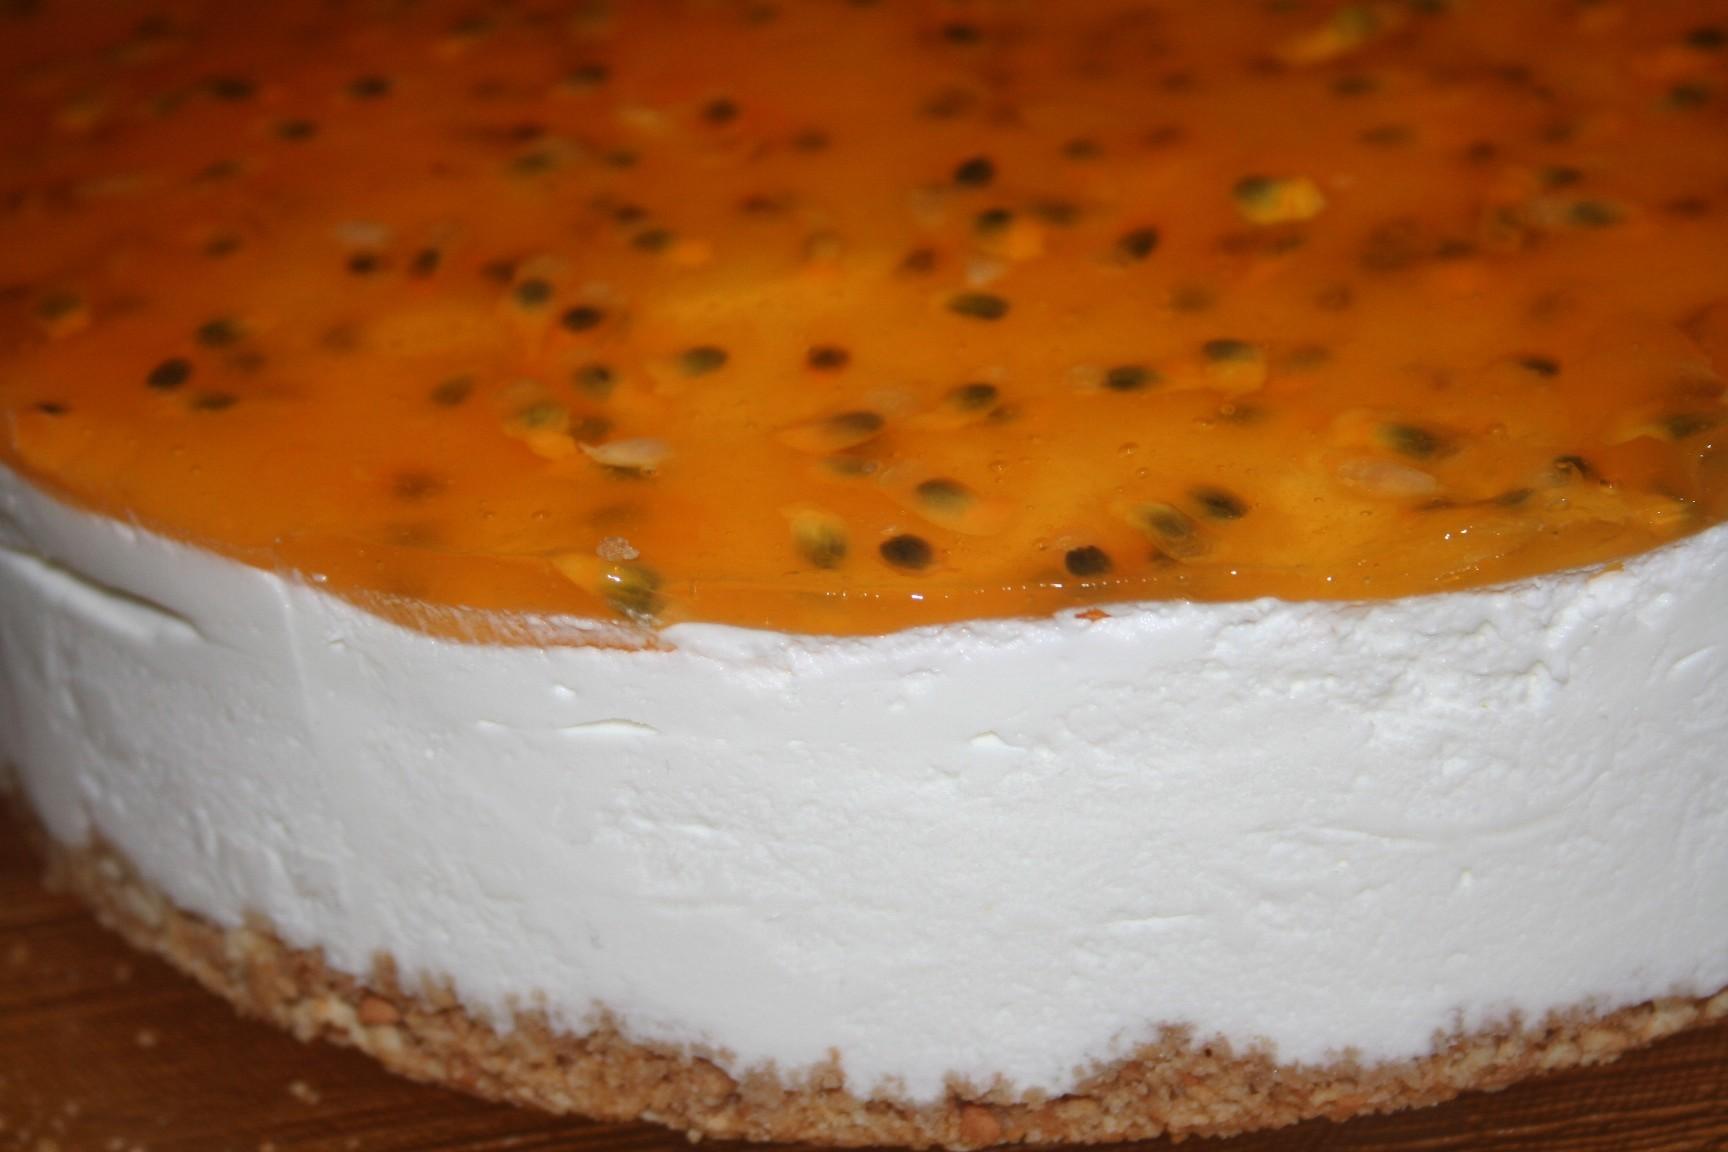 עוגת גבינה קרה עם פסיפלורה